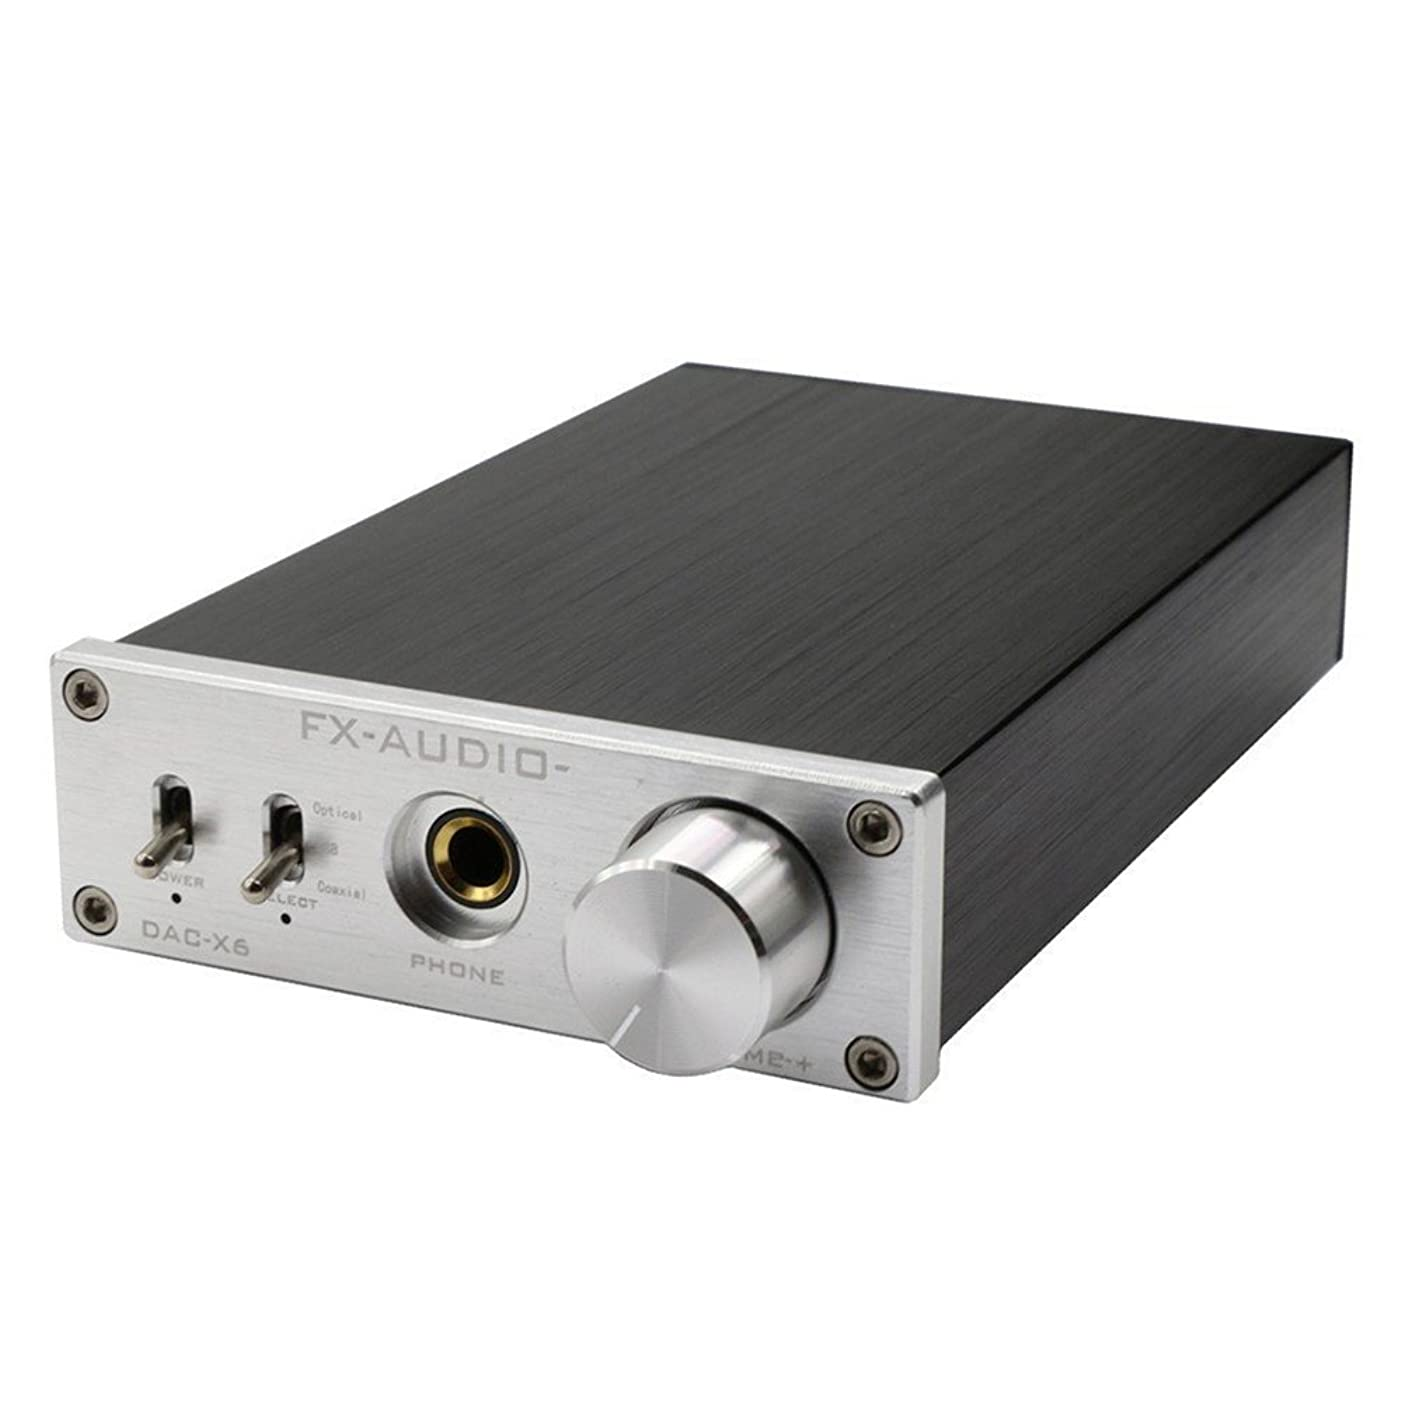 カートリッジ悪意のある羊FX-Audio DAC-X6 ヘッドフォンアンプ HIFI 光同軸/USB DAC ミニオーディオデコーダ 24BIT/192 12V (シルバー)